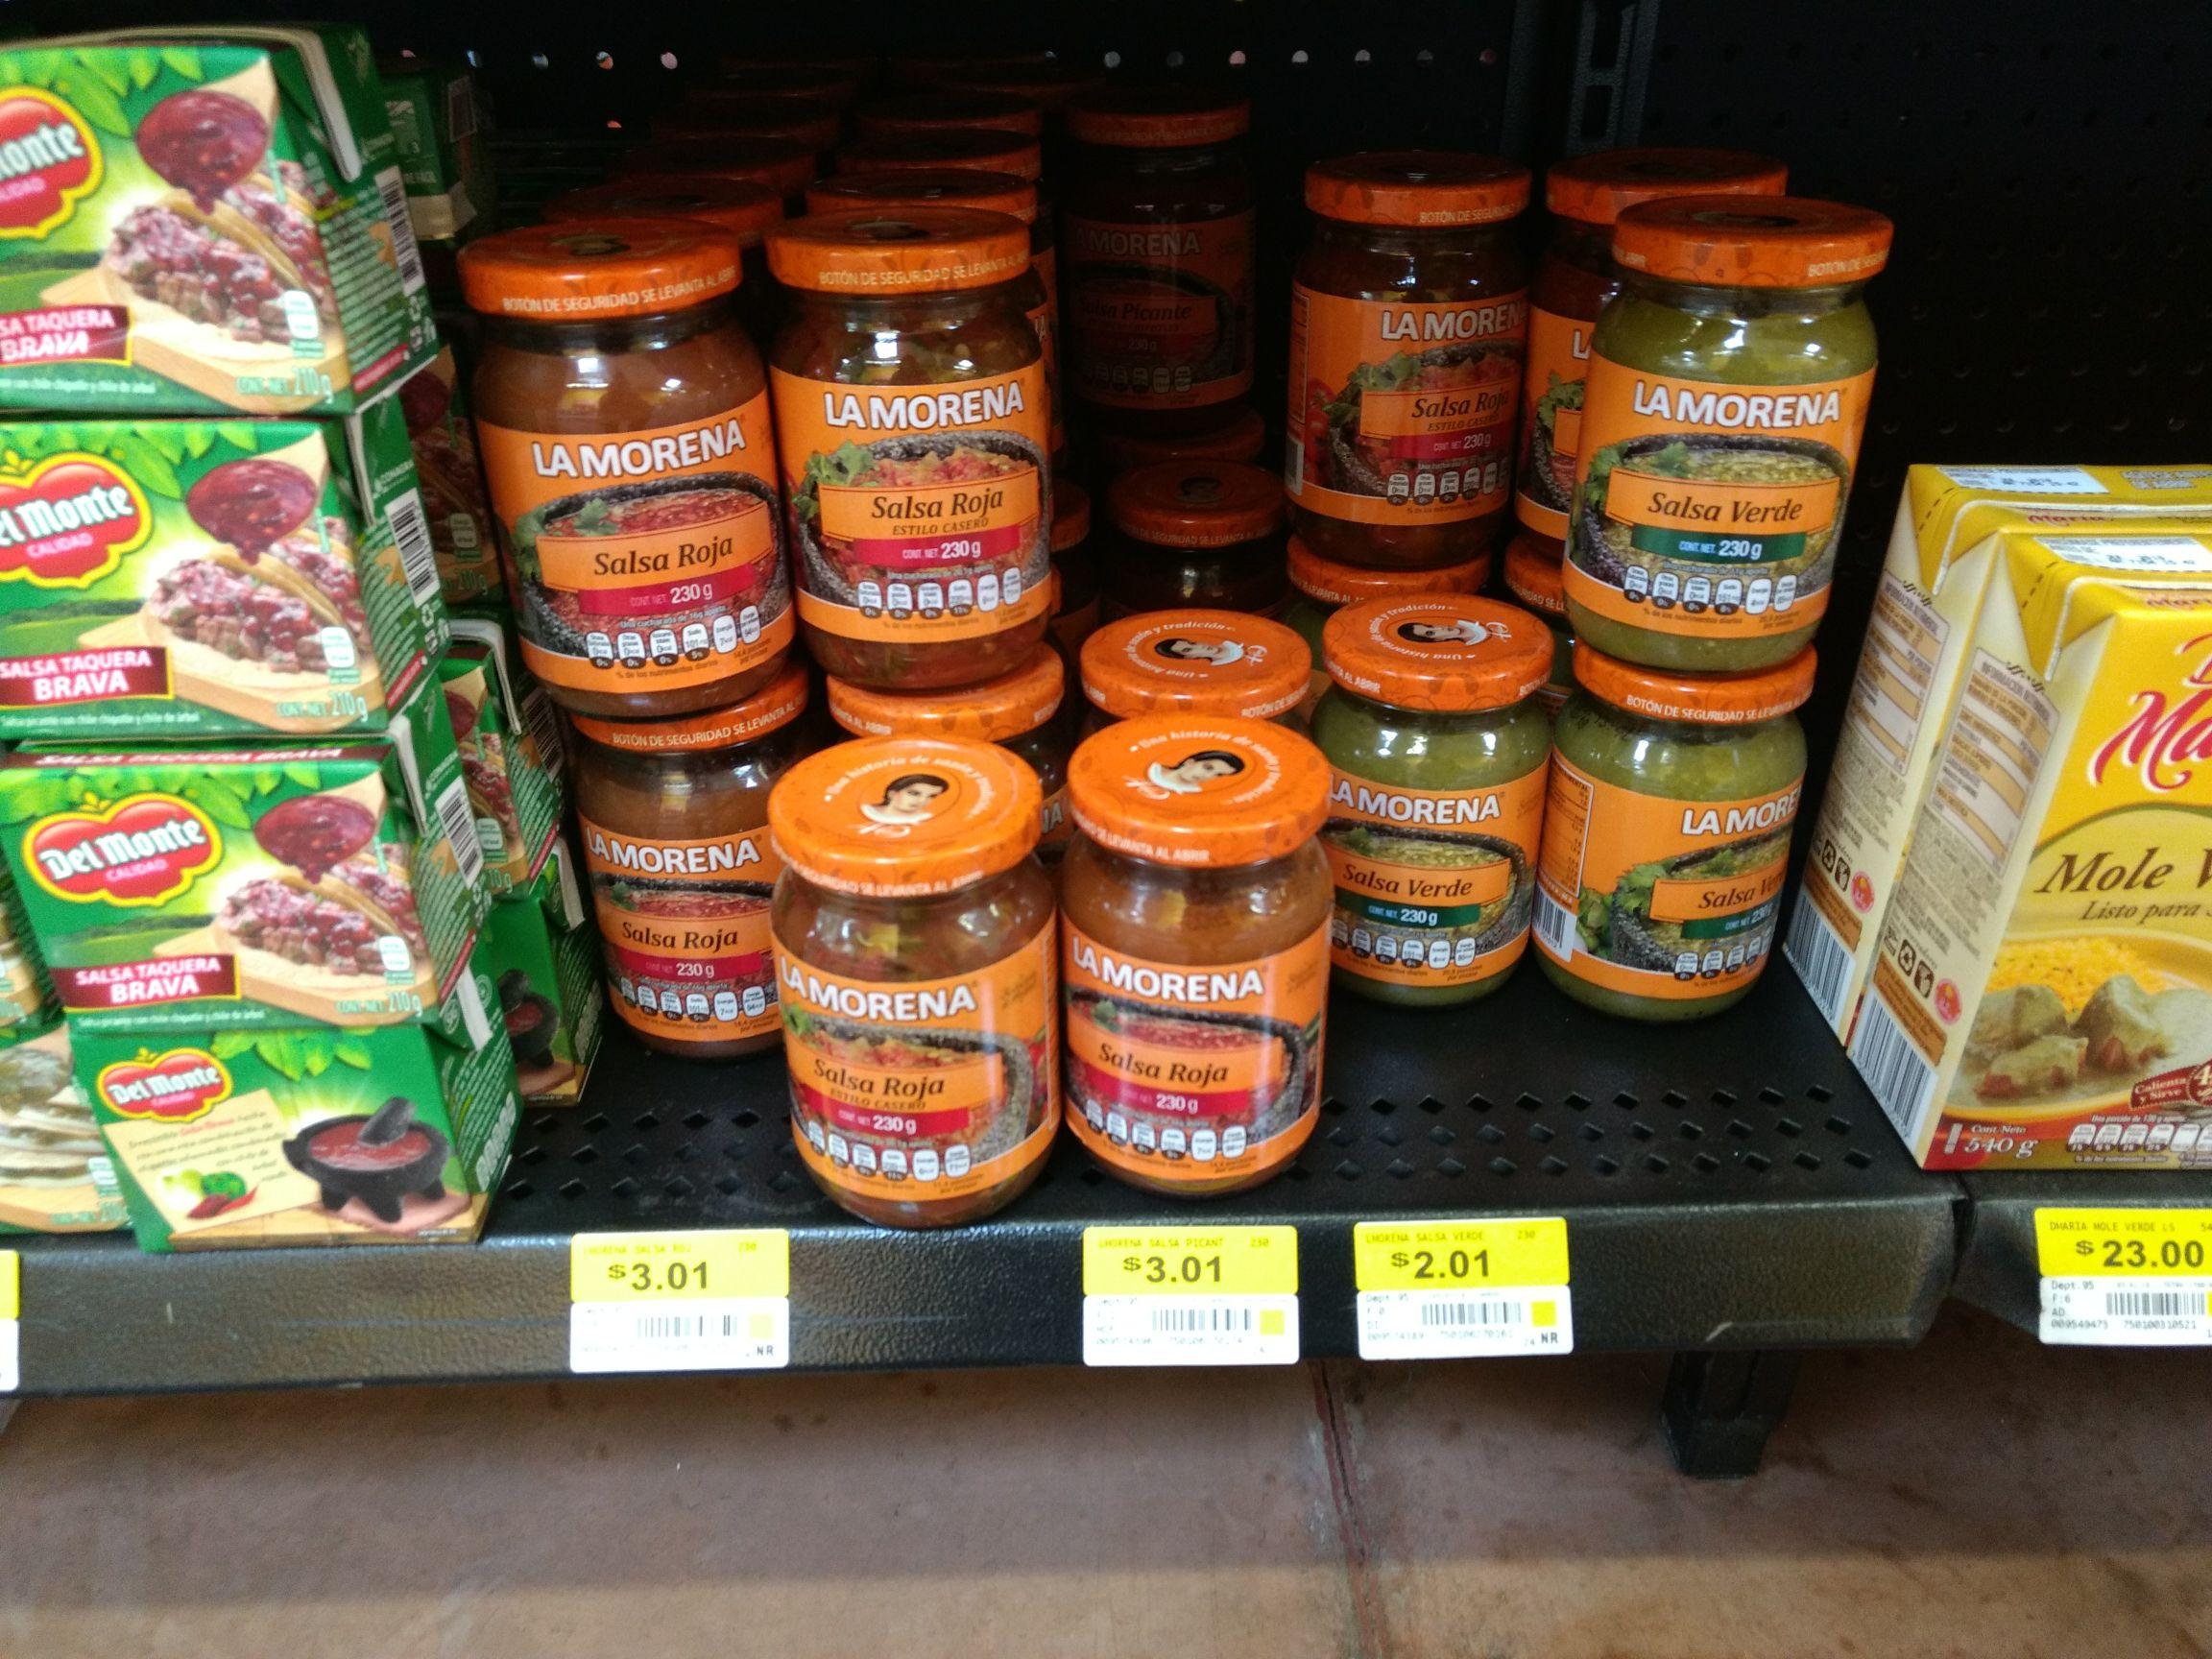 Walmart: Salsas La Morena salsa verde a $2.01, salsa roja y salsa picante (chipotle) a $3.01